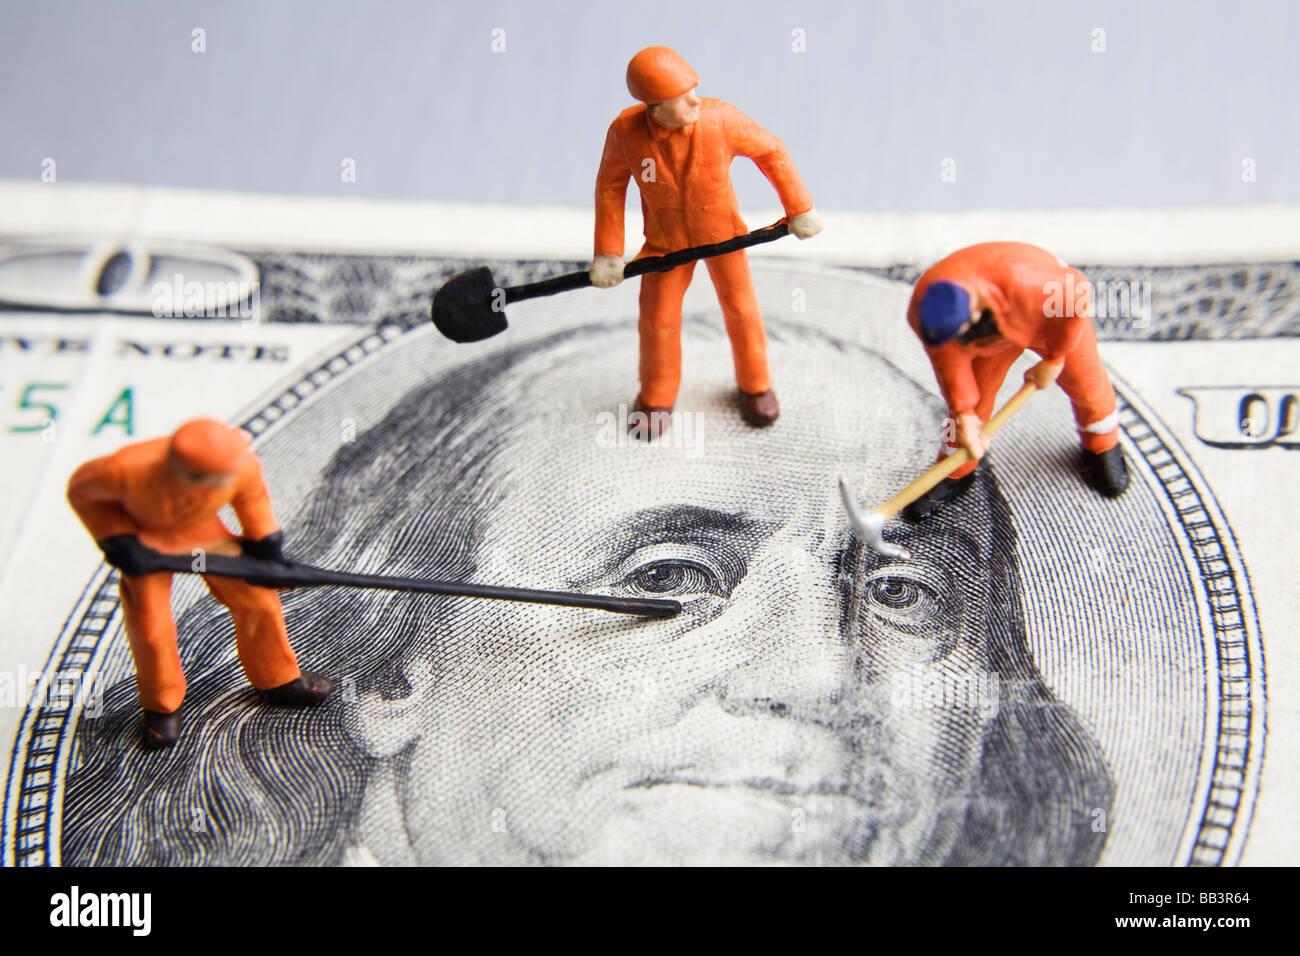 La fijación de la economía Imagen De Stock